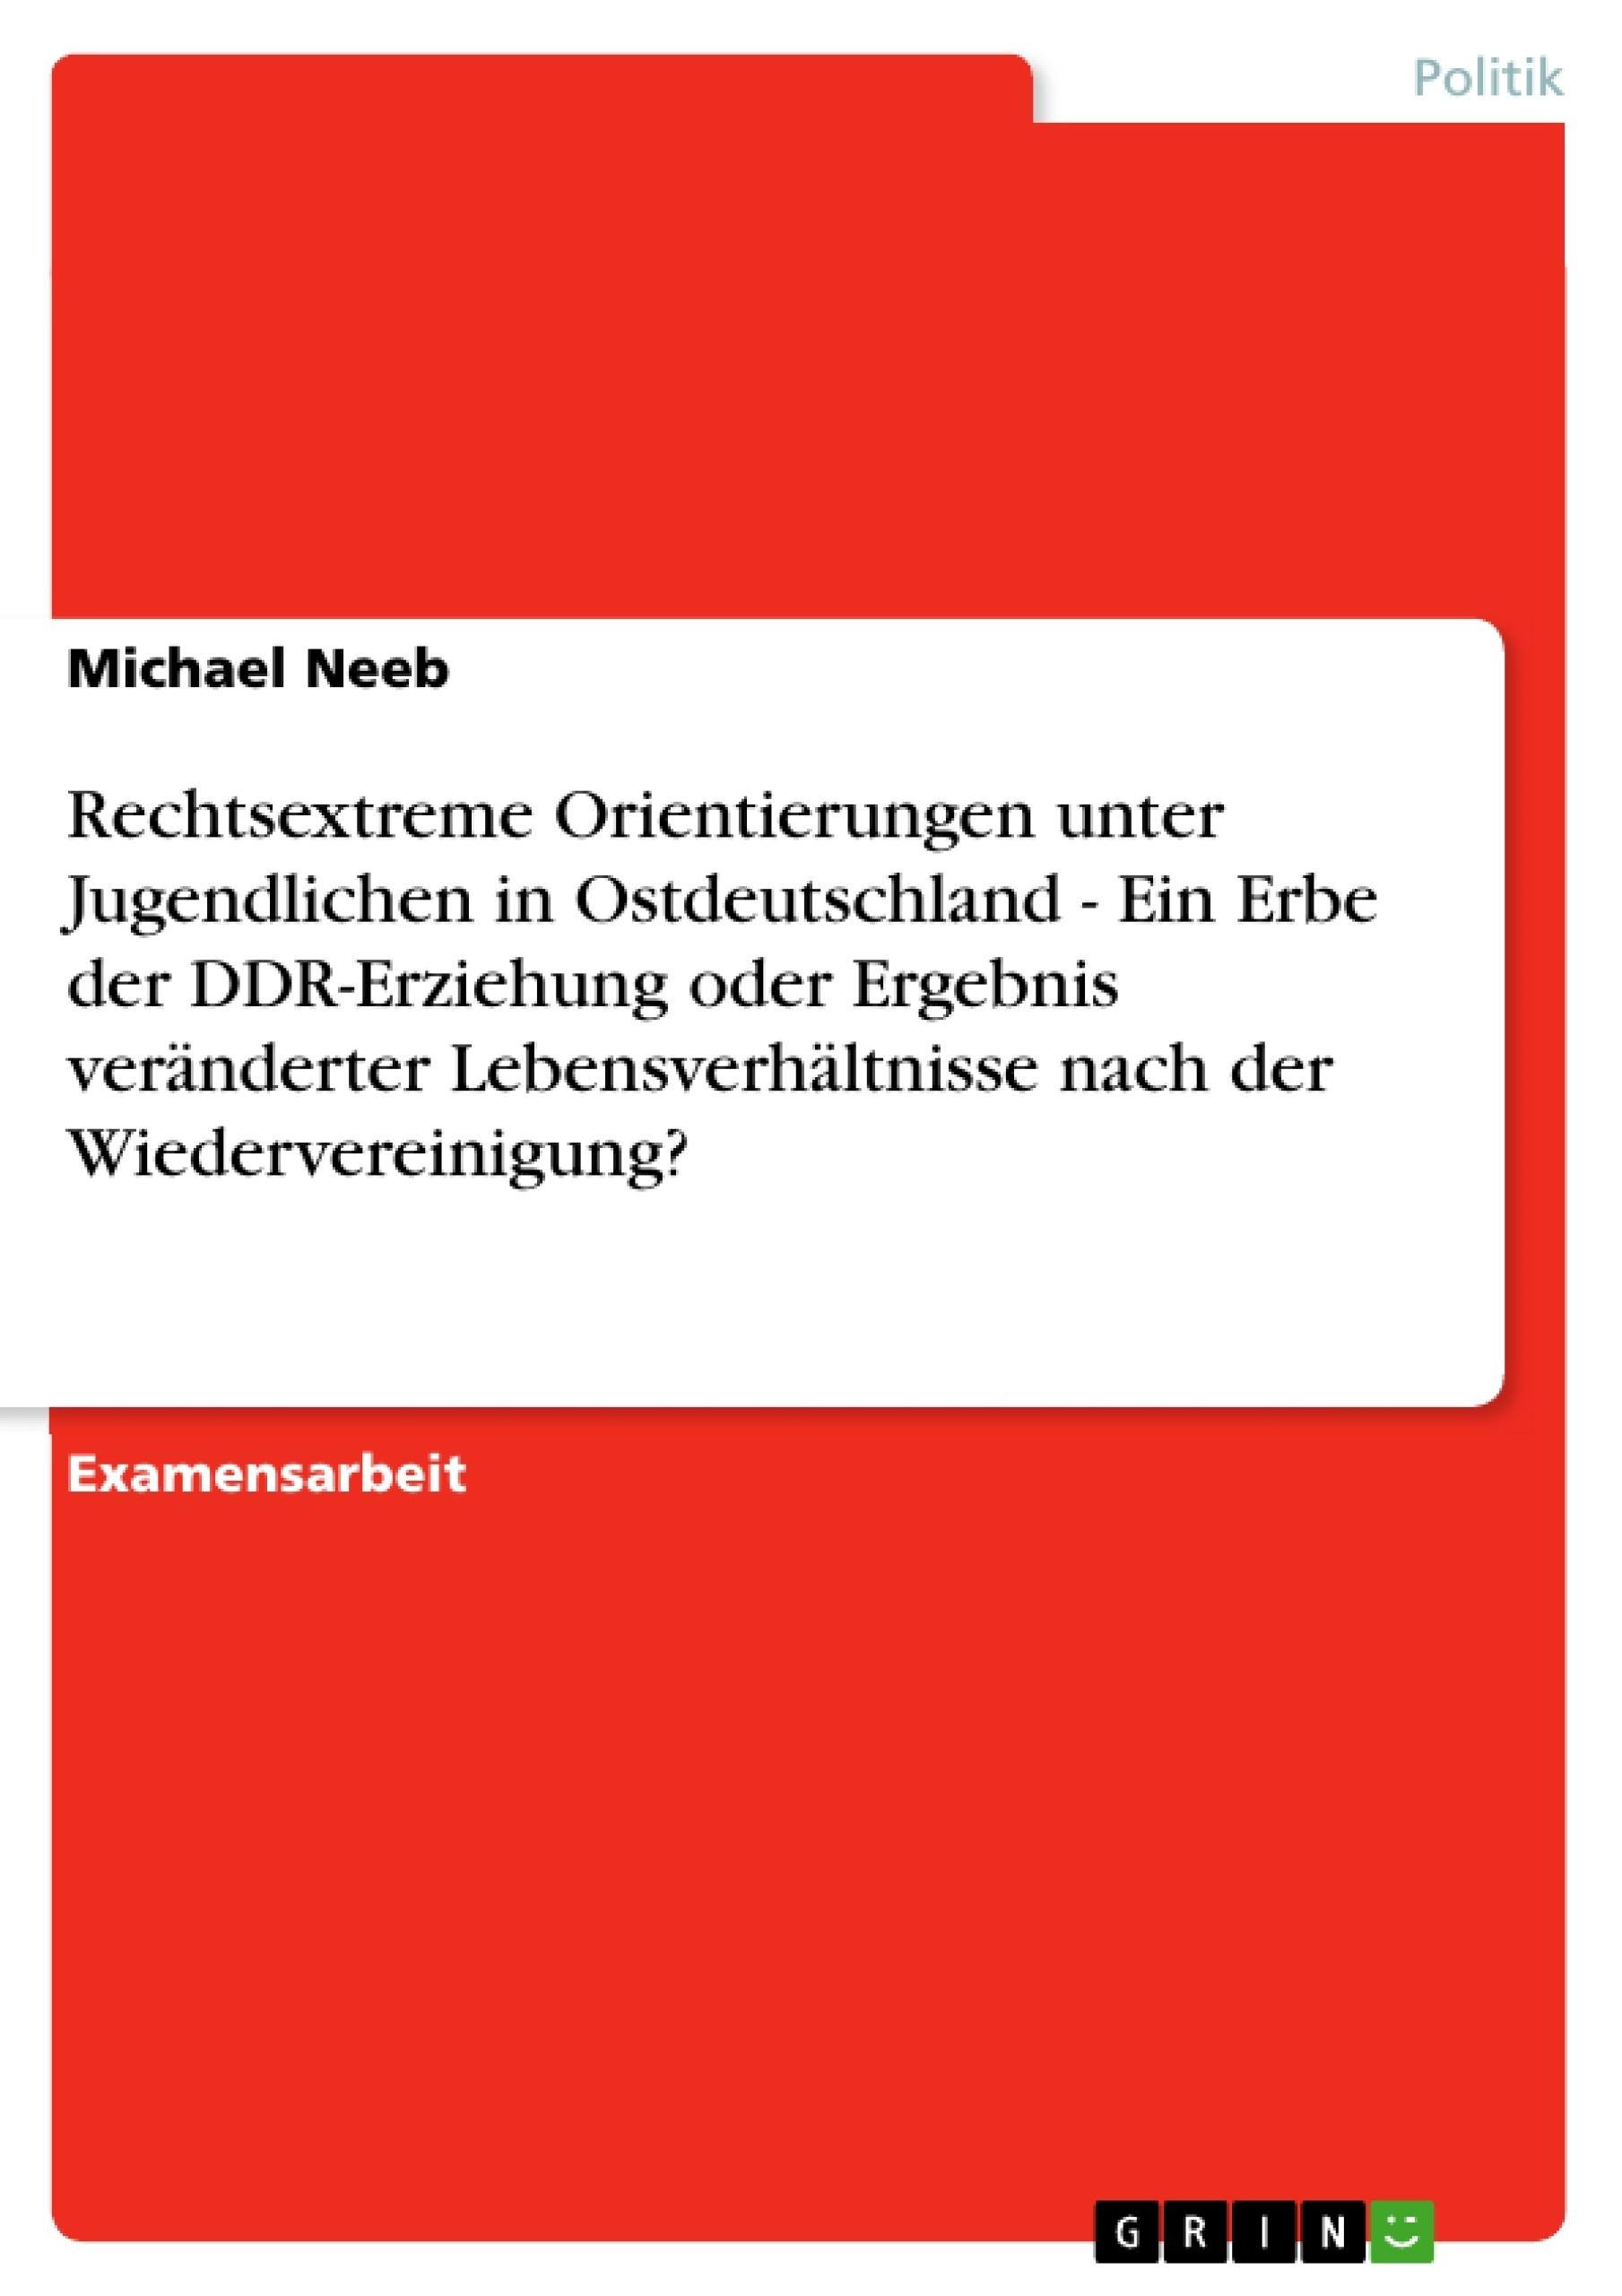 Titel: Rechtsextreme Orientierungen unter Jugendlichen in Ostdeutschland - Ein Erbe der DDR-Erziehung oder Ergebnis veränderter Lebensverhältnisse nach der Wiedervereinigung?